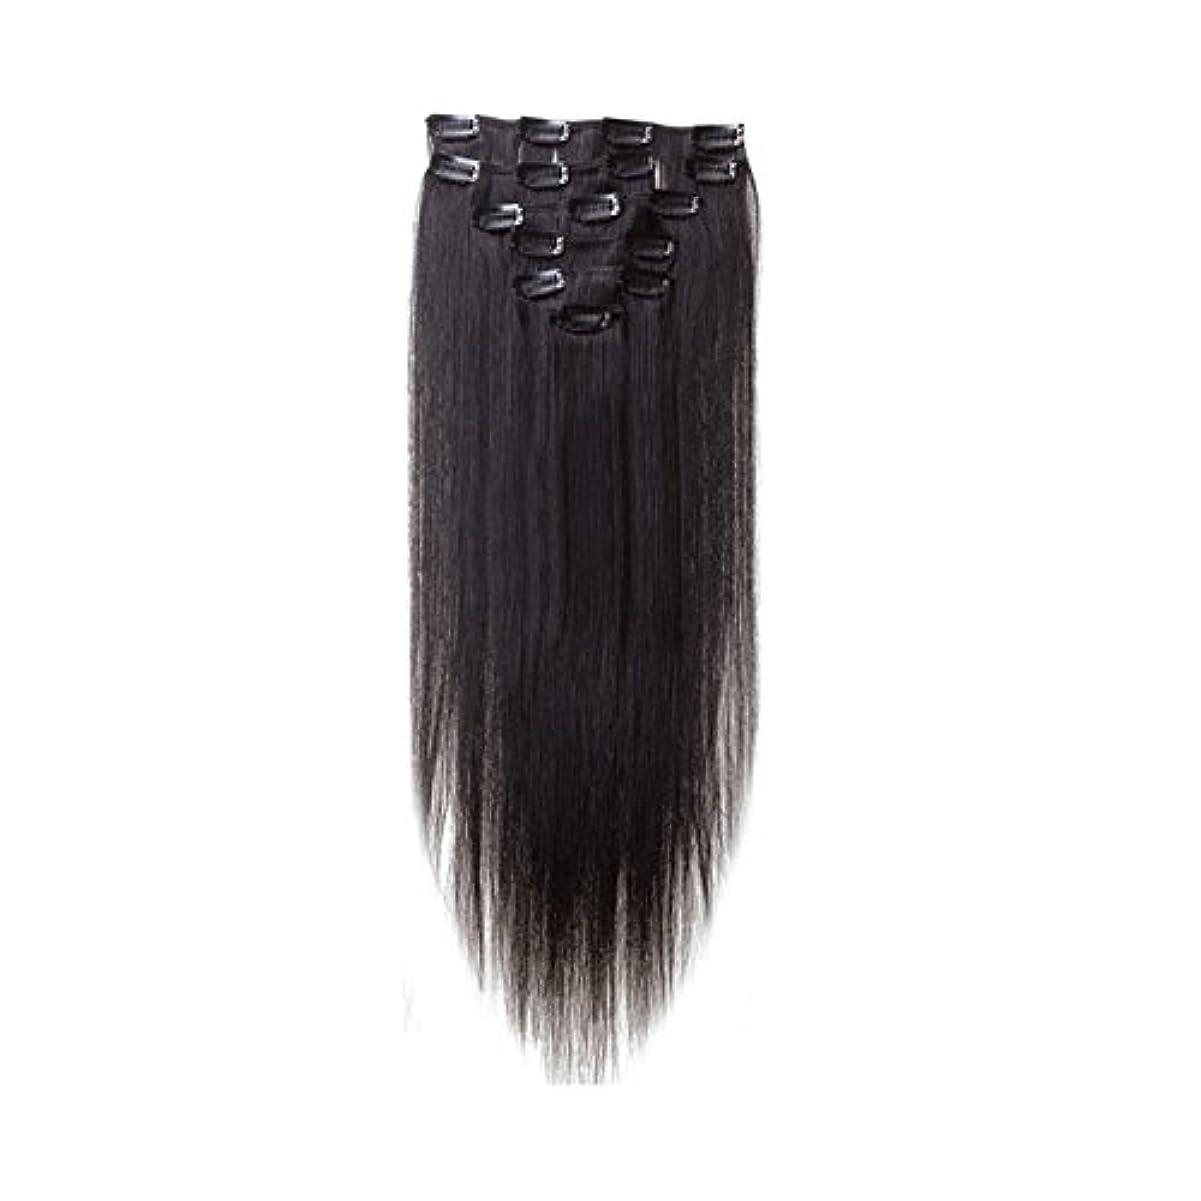 平日モデレータ信者ヘアエクステンション,SODIAL(R) 女性の人間の髪 クリップインヘアエクステンション 7件 70g 22インチ ナチュラルブラック